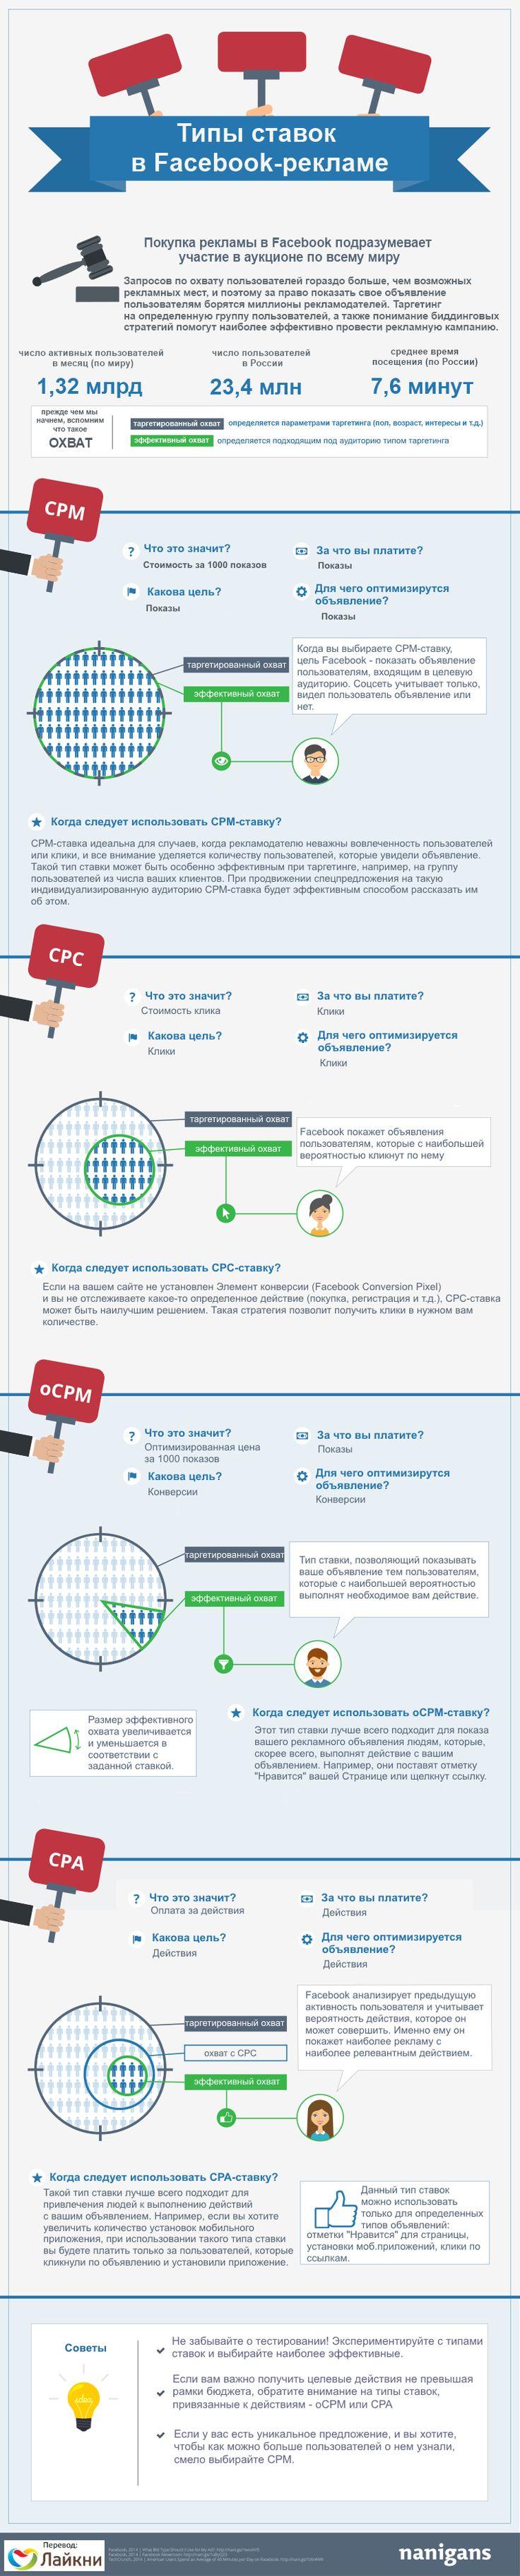 Инфографика: типы ставок в Facebook #реклама #facebook